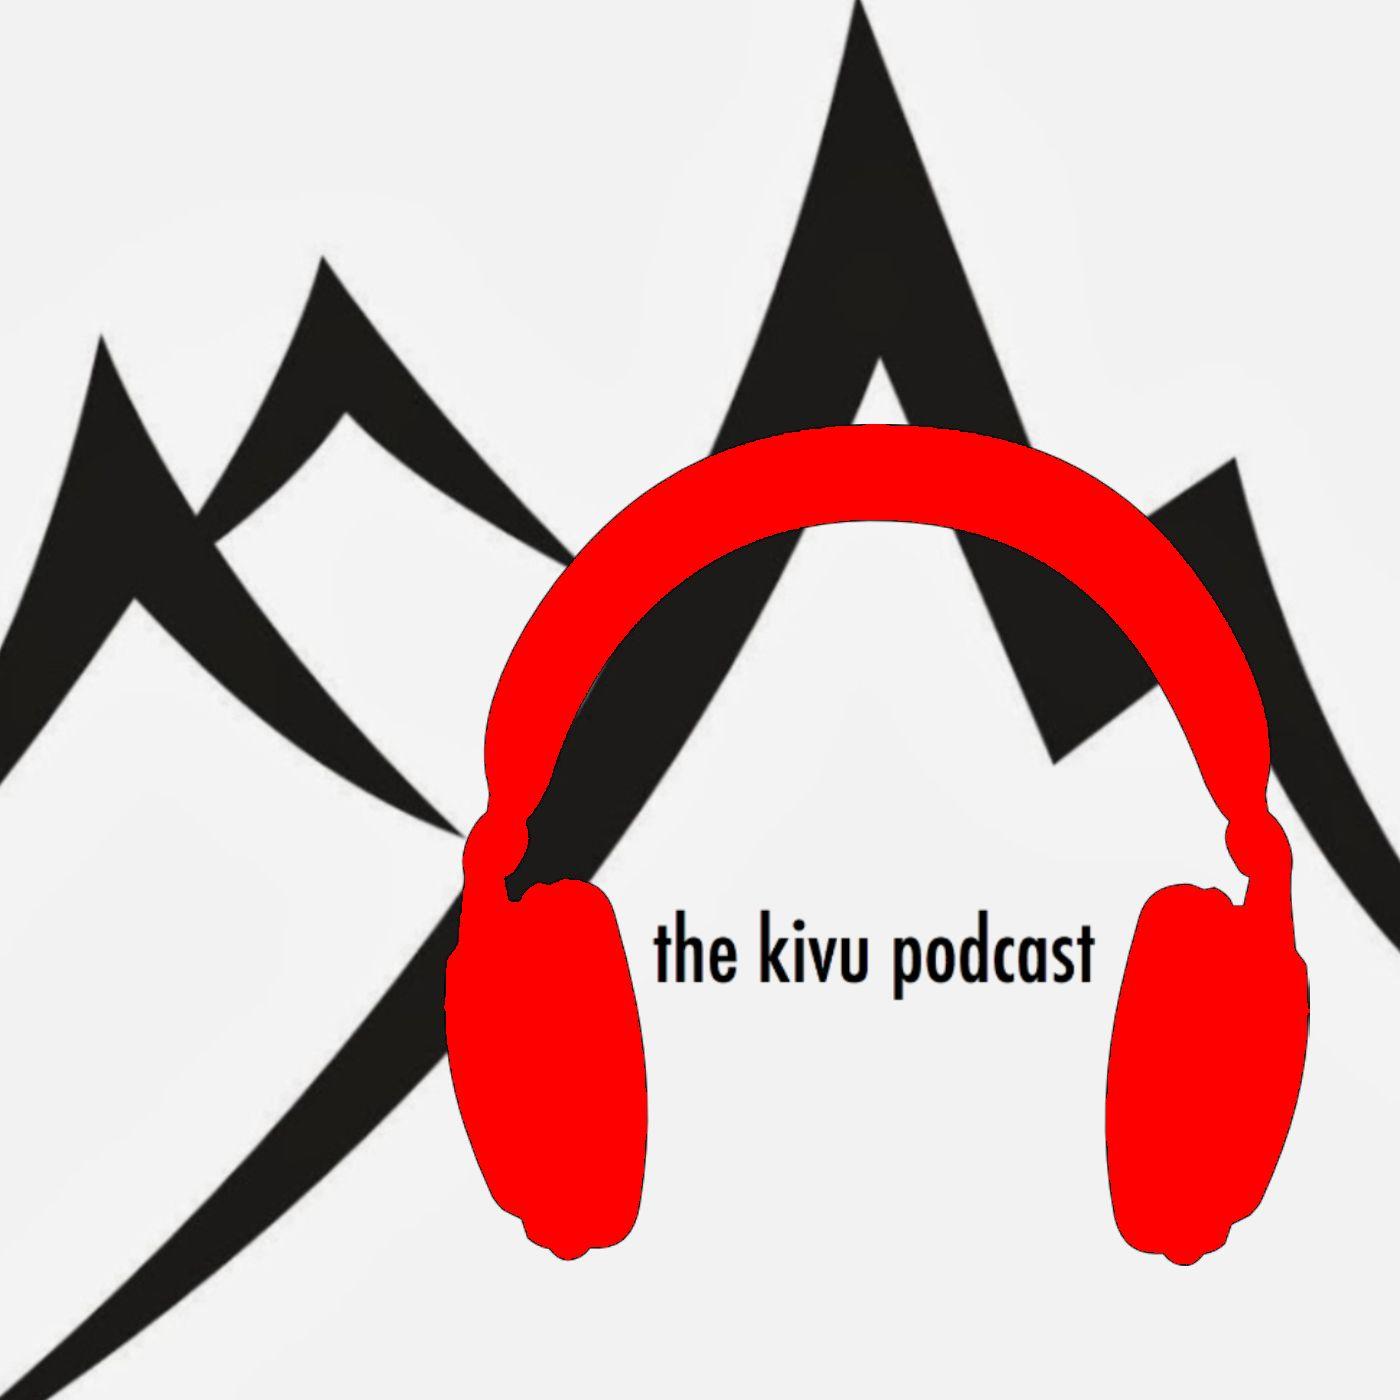 Kivu Podcast